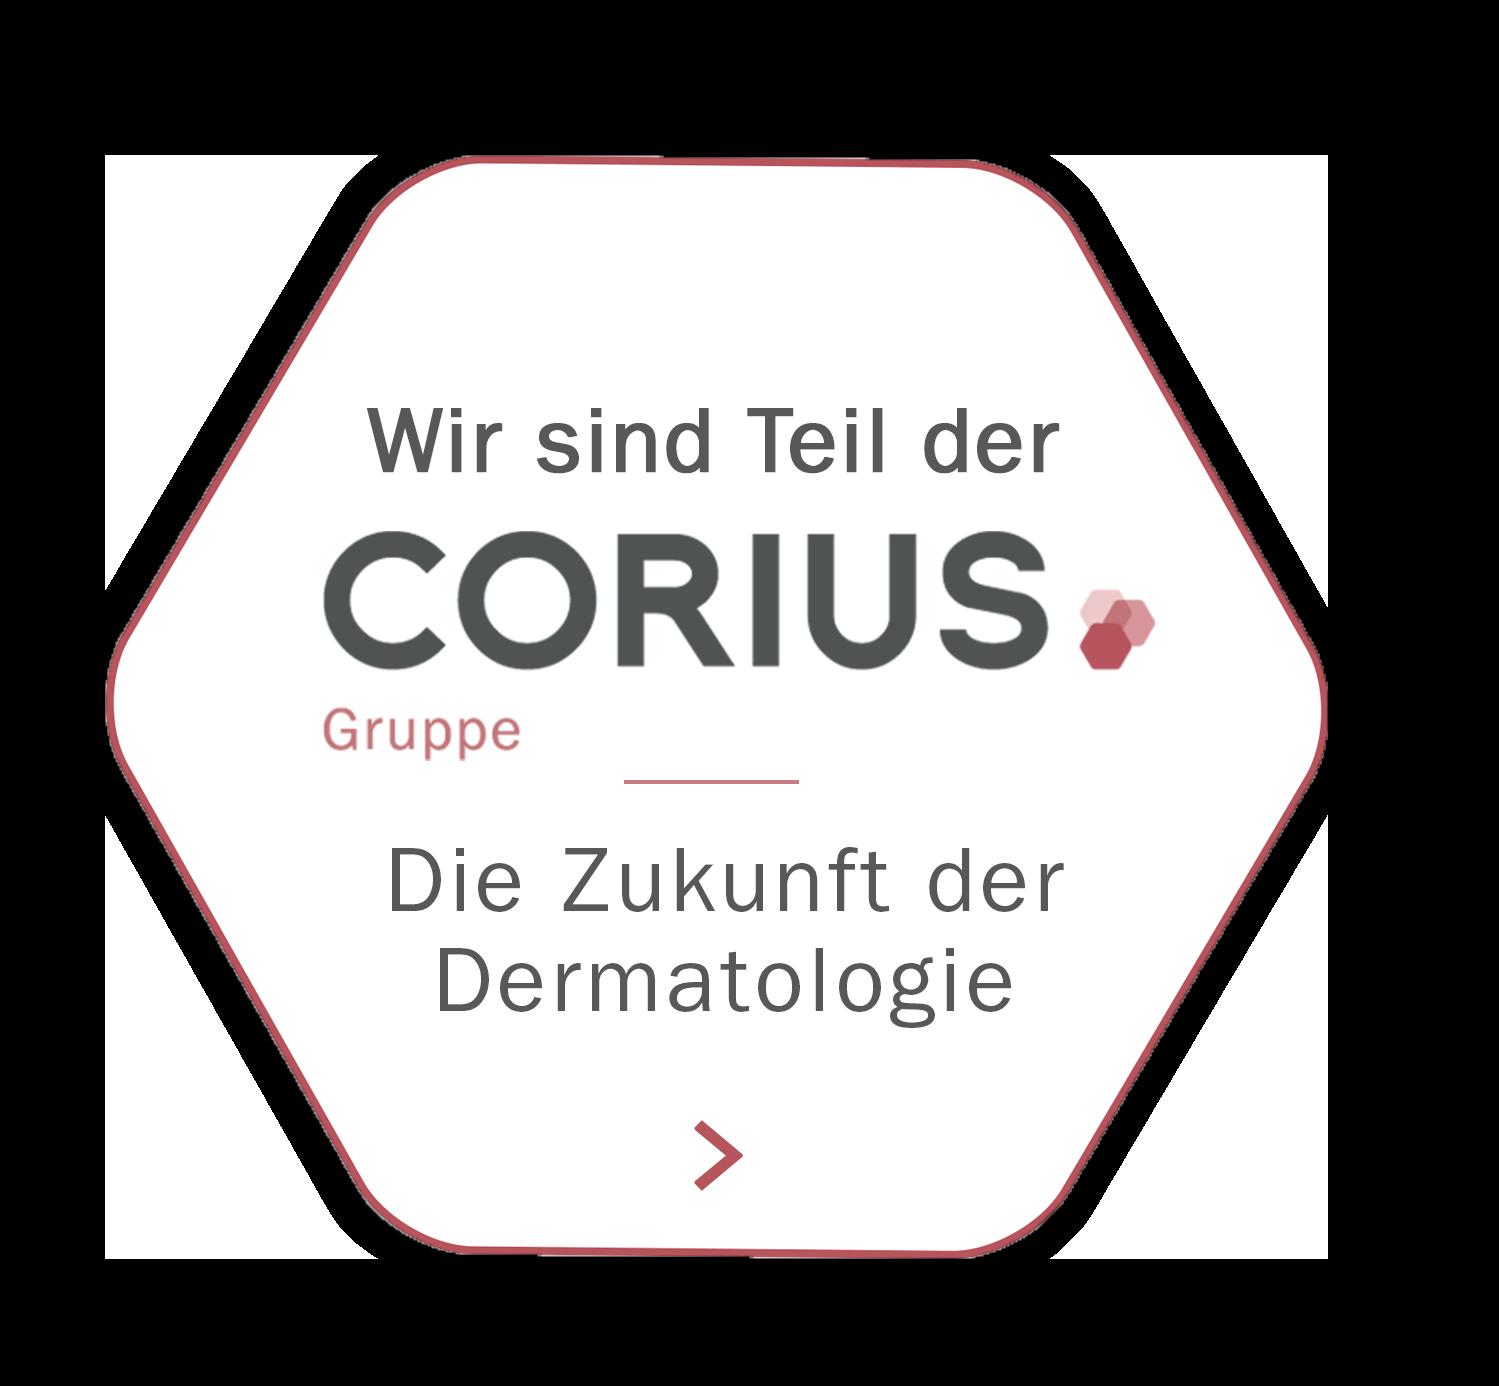 Corius Gruppe